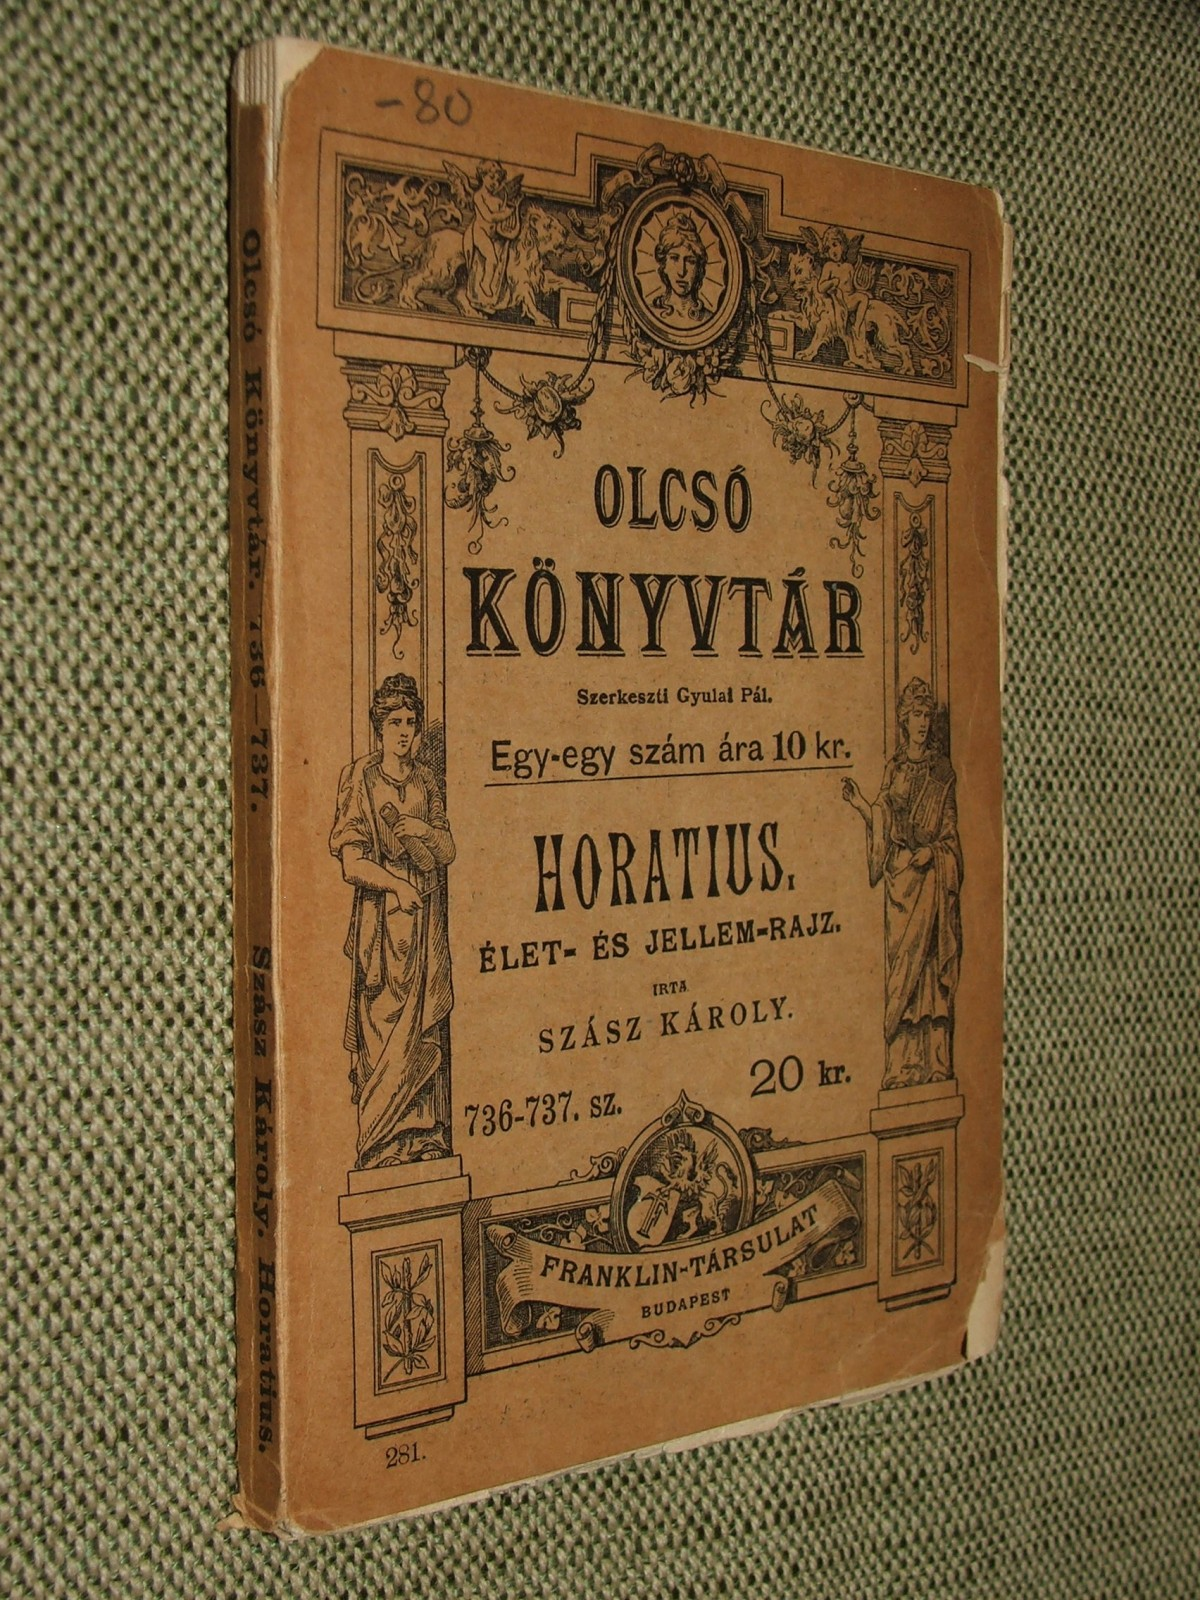 SZÁSZ Károly: Horatius.